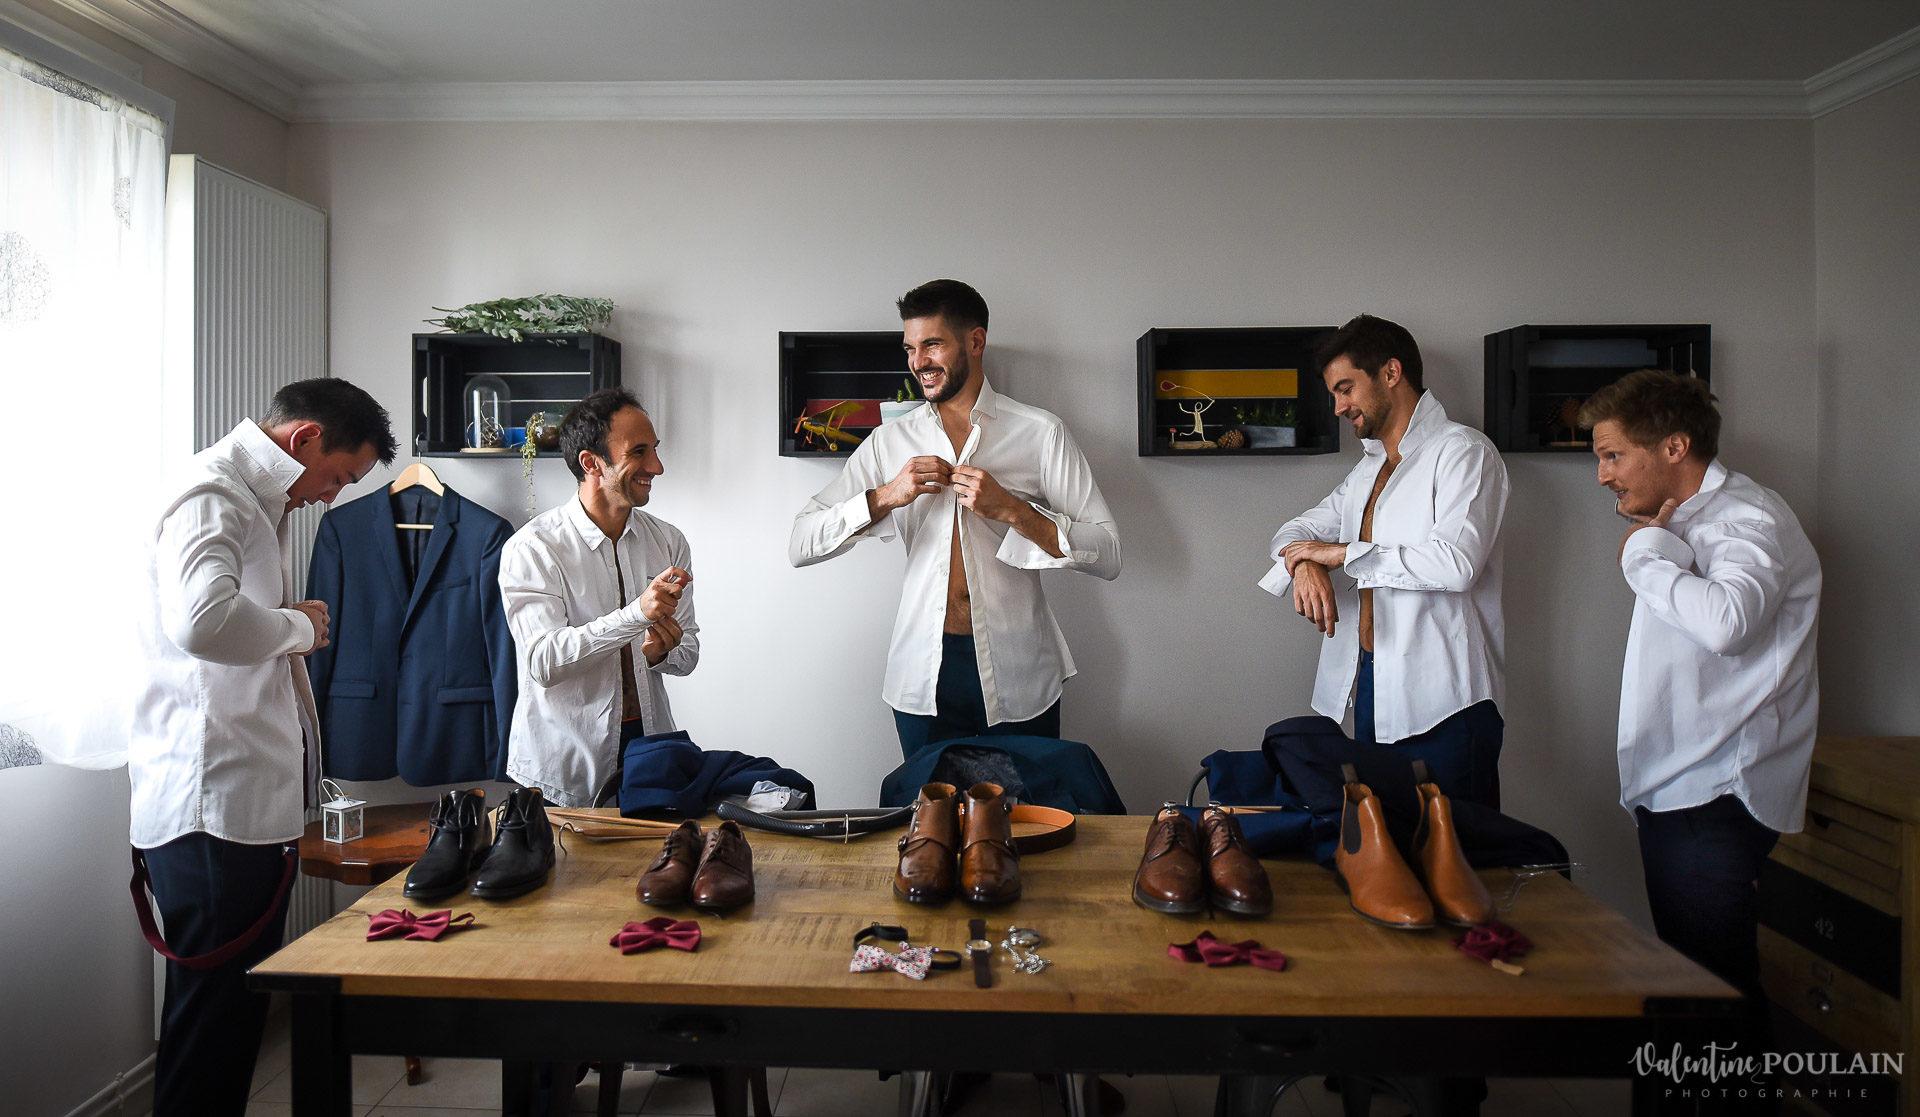 Mariage lieu insolite Paris -Valentine Poulain préparatif hommes chaussure